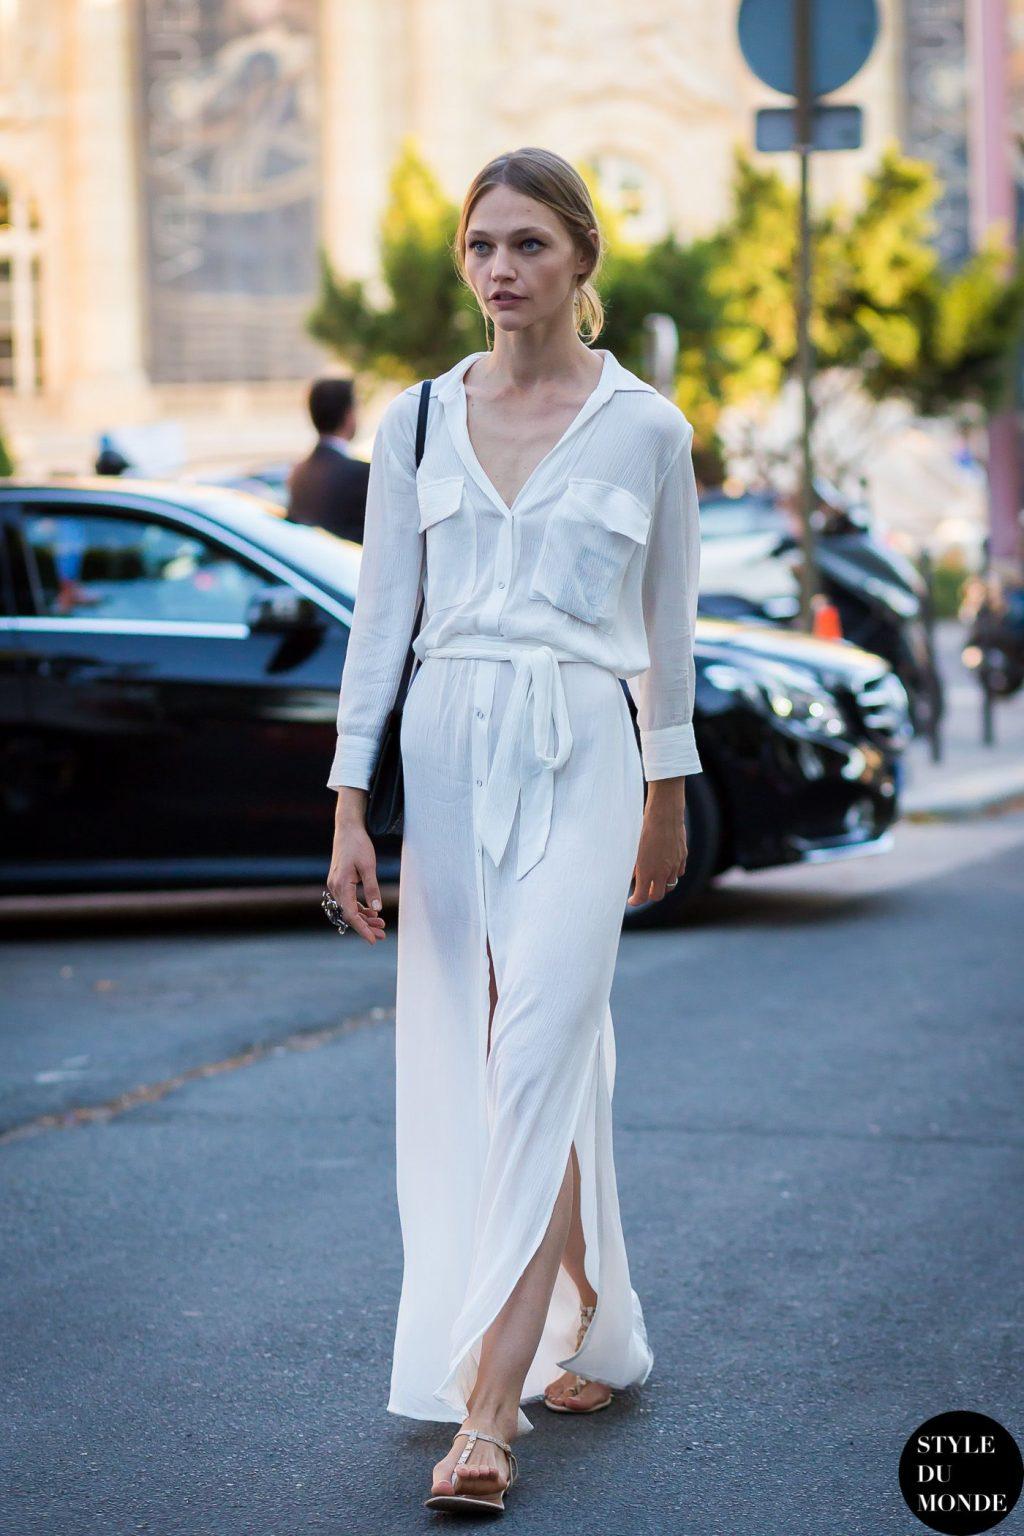 phối trang phục đẹp công thức white on white 17